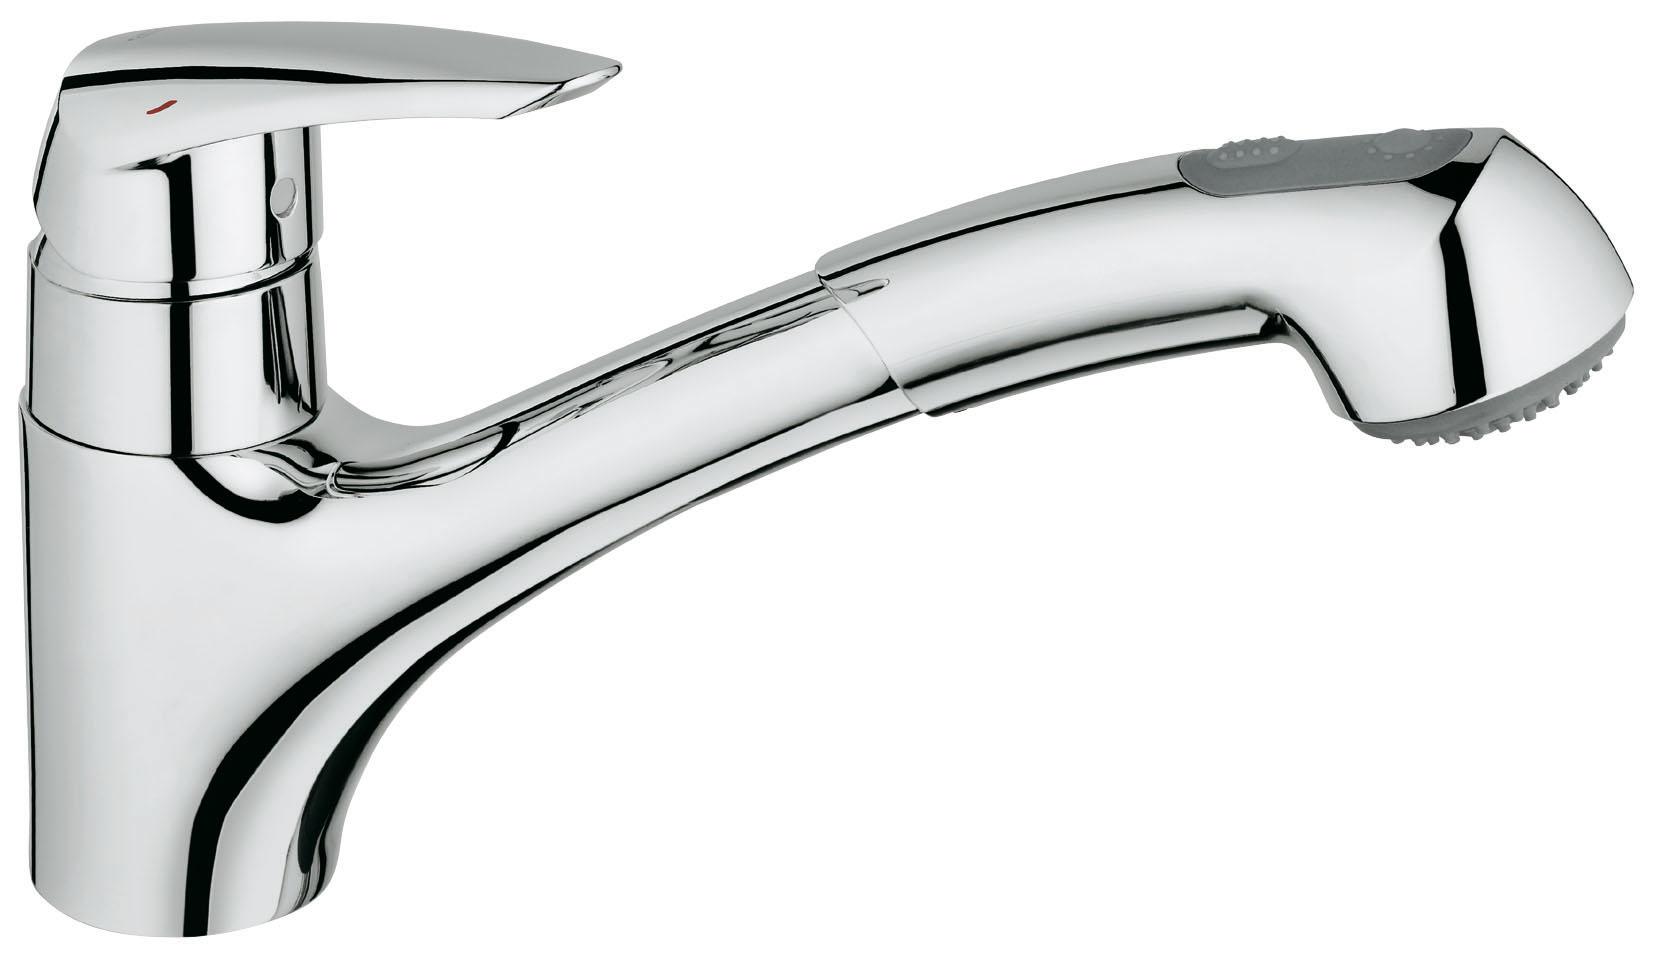 Смеситель для кухни GROHE Eurodisc с выдвижным изливом (32257001)BL505GROHE Eurodisc: удобный смеситель для кухни с выдвижной душевой головкой Когда после приготовления вкусного ужина останется гора грязных кастрюль и сковород, выдвижная душевая головка данного кухонного смесителя поможет Вам разделаться с ними со скоростью профессионала. Этот однорычажный смеситель всегда поможет Вам быстро справляться с мытьем посуды и поддержанием мойки в чистоте. Благодаря картриджу с технологией GROHE SilkMove, рычаг управления отличается плавным и легким ходом. Возможность вращения излива в радиусе 140° увеличивает свободу движений при повседневной работе на кухне. Данный смеситель был разработан таким образом, чтобы быть удобным для пользователей во всех отношениях, поэтому он снабжен системой предотвращения известкования SpeedClean и системой упрощенного монтажа, позволяющей выполнить его установку быстро и без затруднений. Благодаря сияющему хромированному покрытию GROHE, этот надежный смеситель Eurodisc станет эффектным дополнением к оснащению Вашей кухни.Особенности:Монтаж на одно отверстие GROHE SilkMove керамический картридж O 46 мм GROHE StarLight хромированная поверхностьРегулировка расхода воды Поворотный литой излив сОграничителем поворота Встроенный выдвижной изливС возвратной пружиной Автоматический переключатель: Стандартная/душевая струя Гибкая подводка Система быстрого монтажаВидео по установке является исключительно информационным. Установка должна проводиться профессионалами! хром.